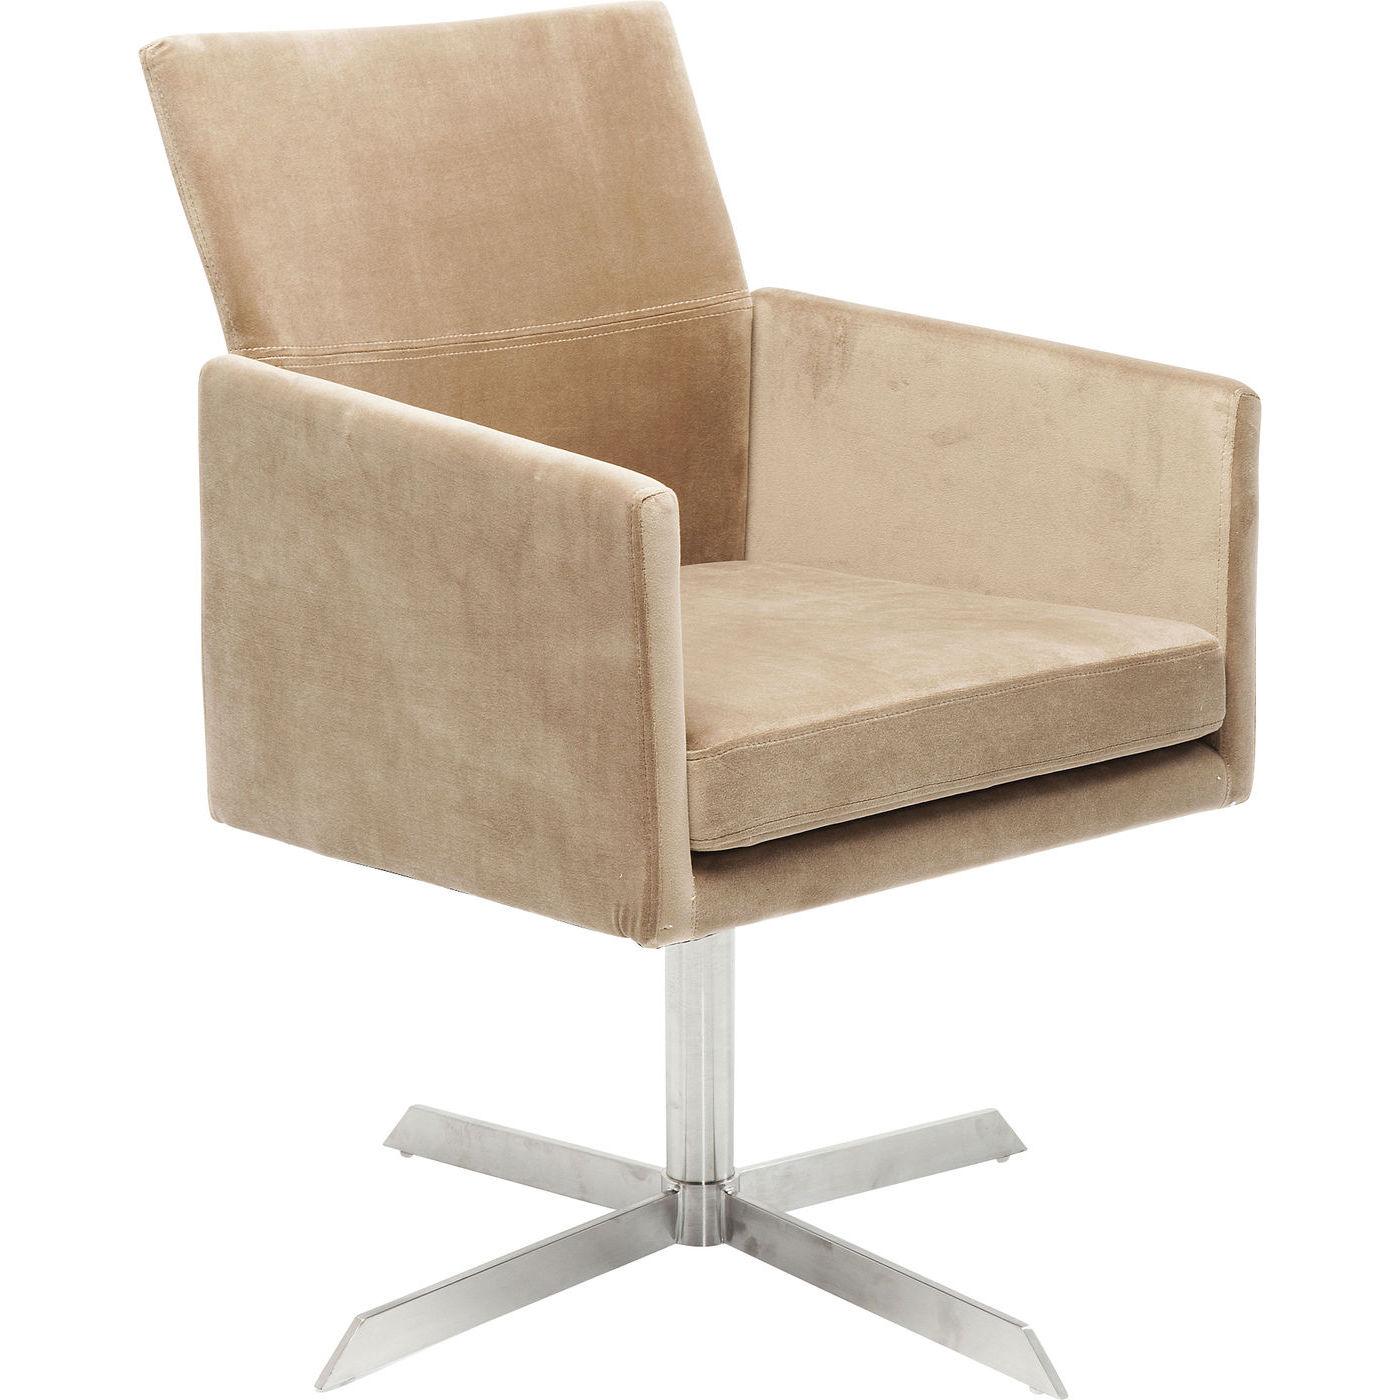 KARE DESIGN Swivel Dialog Beige spisebordsstol - beige stof/sølv stål, m. armlæn